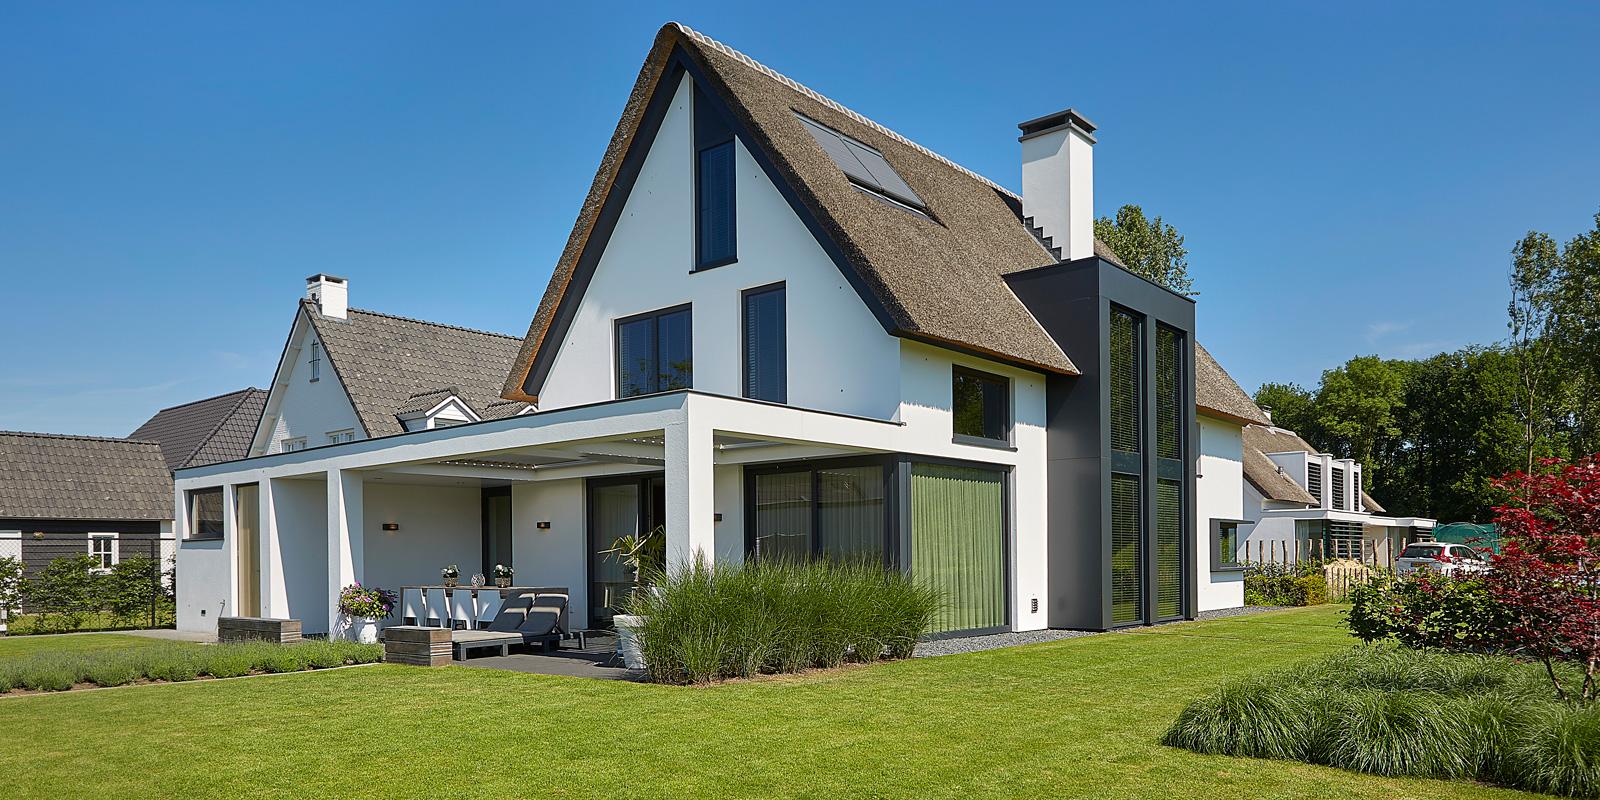 The Art of Living, Exclusief wonen, VLCS Architecten, Bert Spierings, tuin, buitenterras, gazon, rieten dak, modern klassiek, Van Mierlo, overkapping, exterieur, tuinarchitectuur, zwarte kozijnen